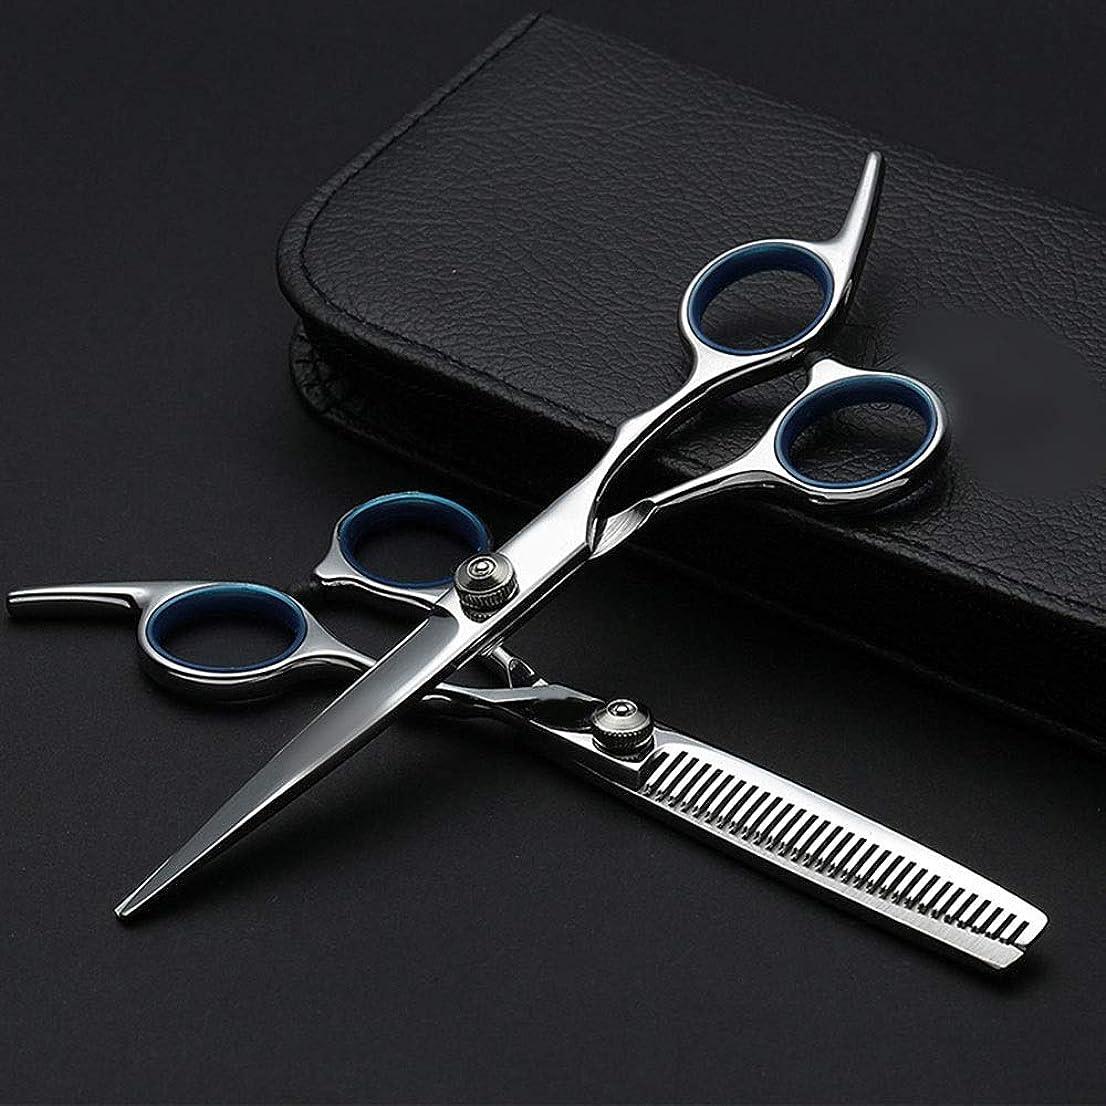 知らせるチャップ運営6インチプロフェッショナル理髪セット、ハサミ+フラットハサミ モデリングツール (色 : Silver)